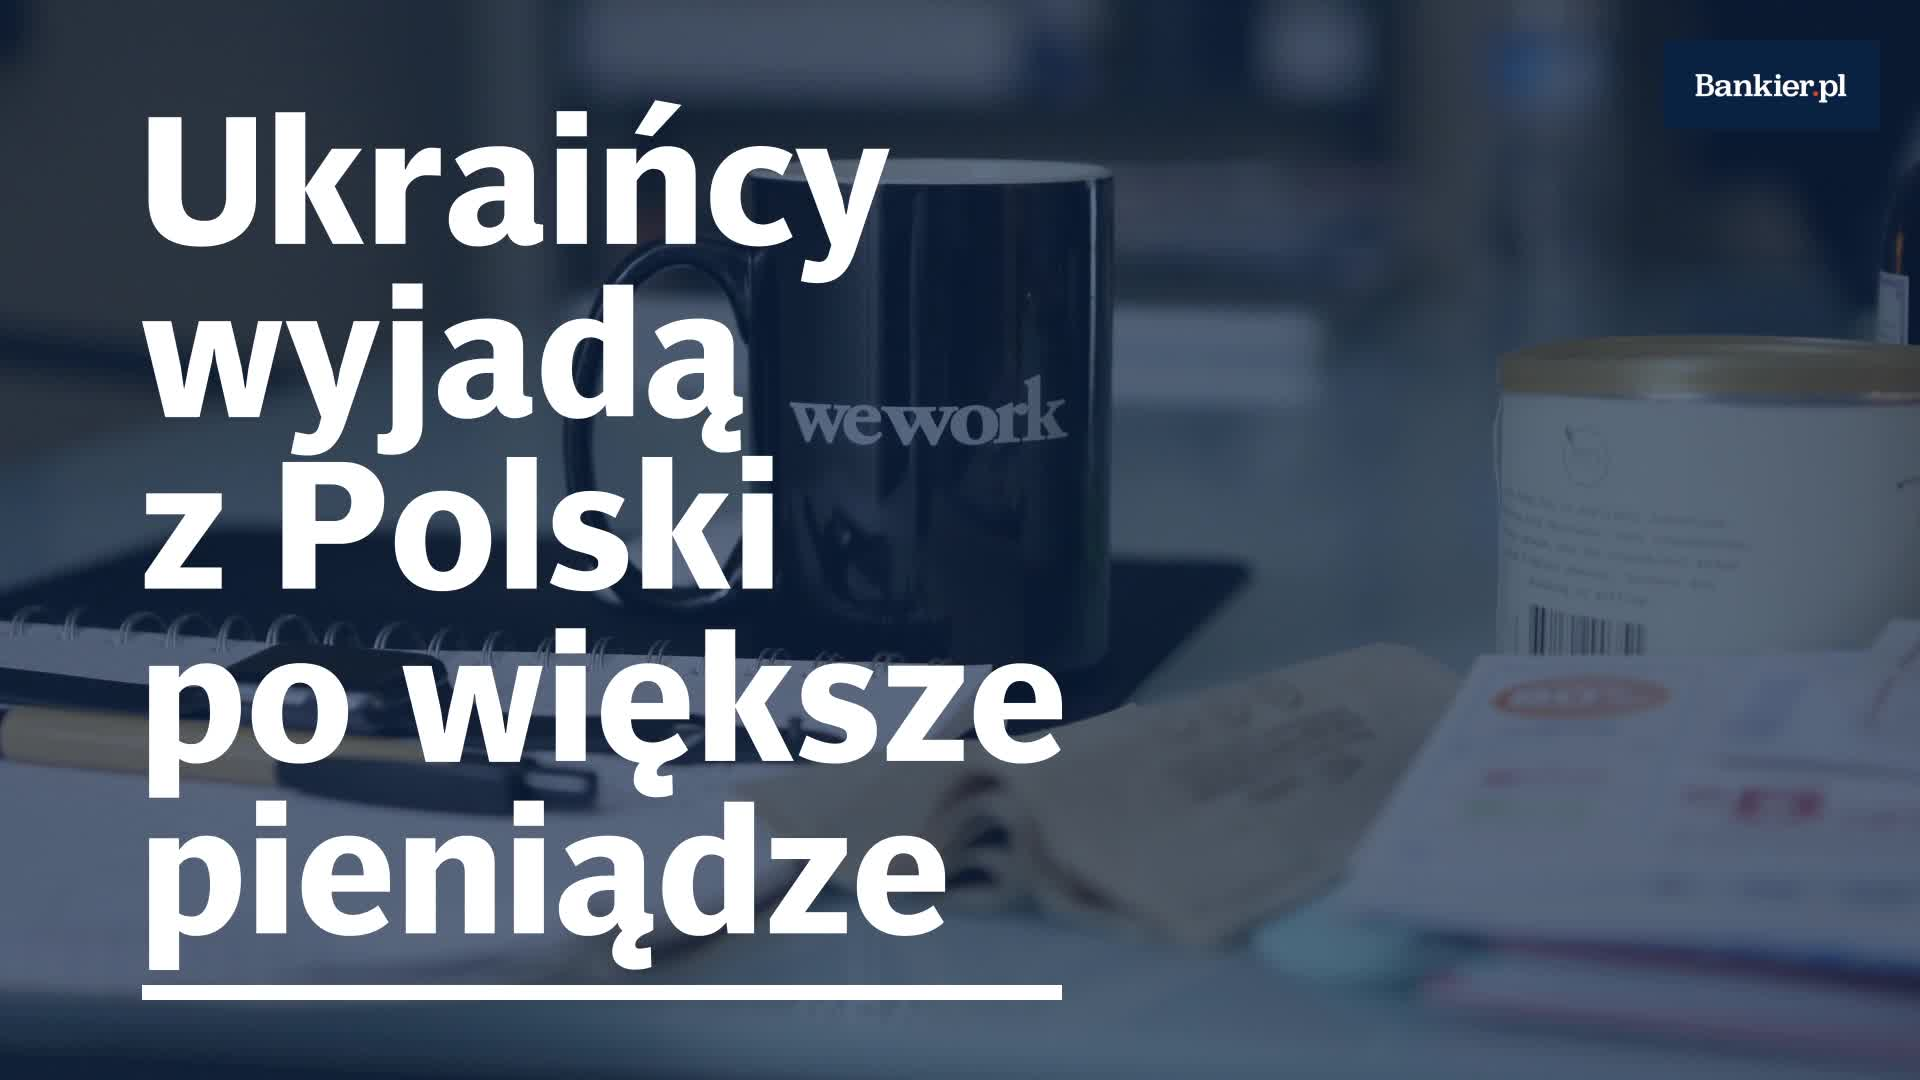 Ukraińcy wyjadą z Polski po większe pieniądze